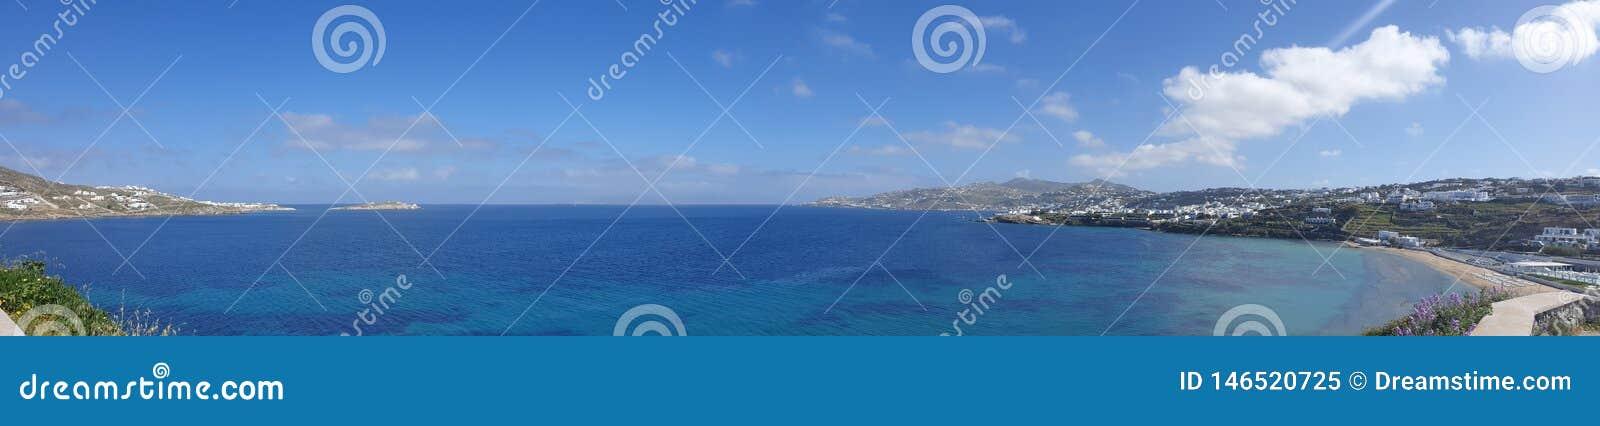 Vista panorâmica de Mikonos Grécia